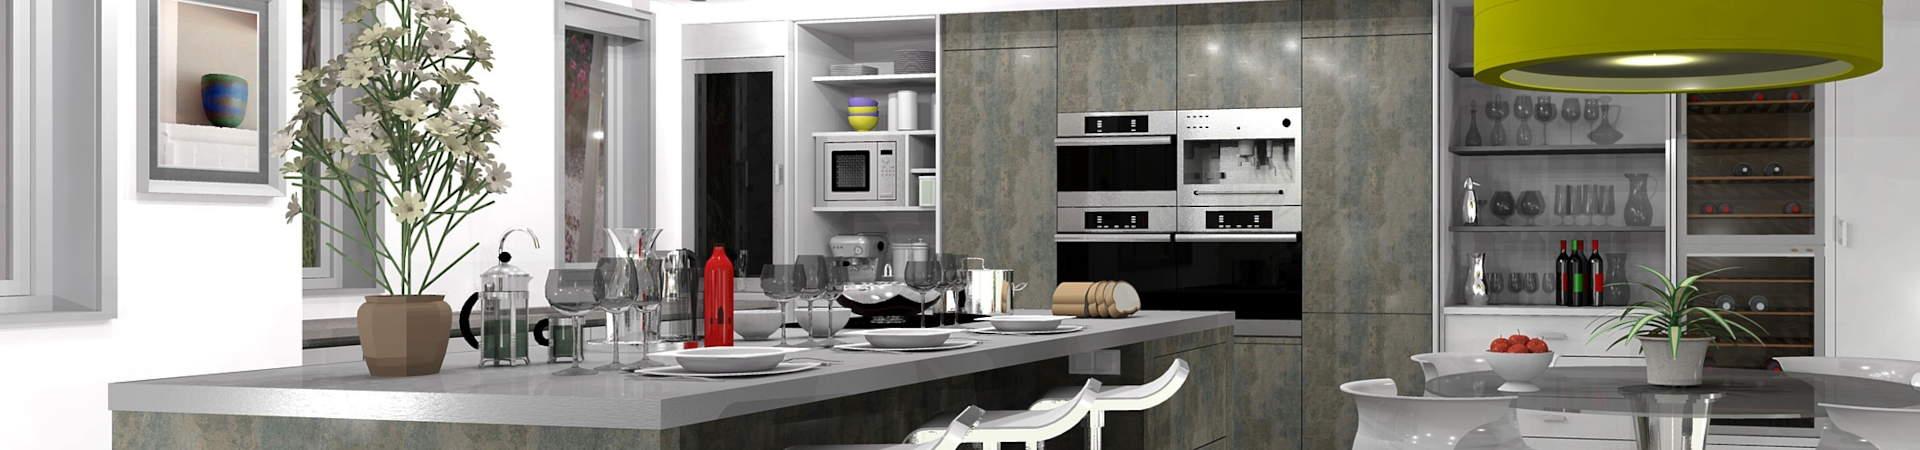 Autokitchen soluciones fabricantes de cocinas - Fabricantes de cocinas ...